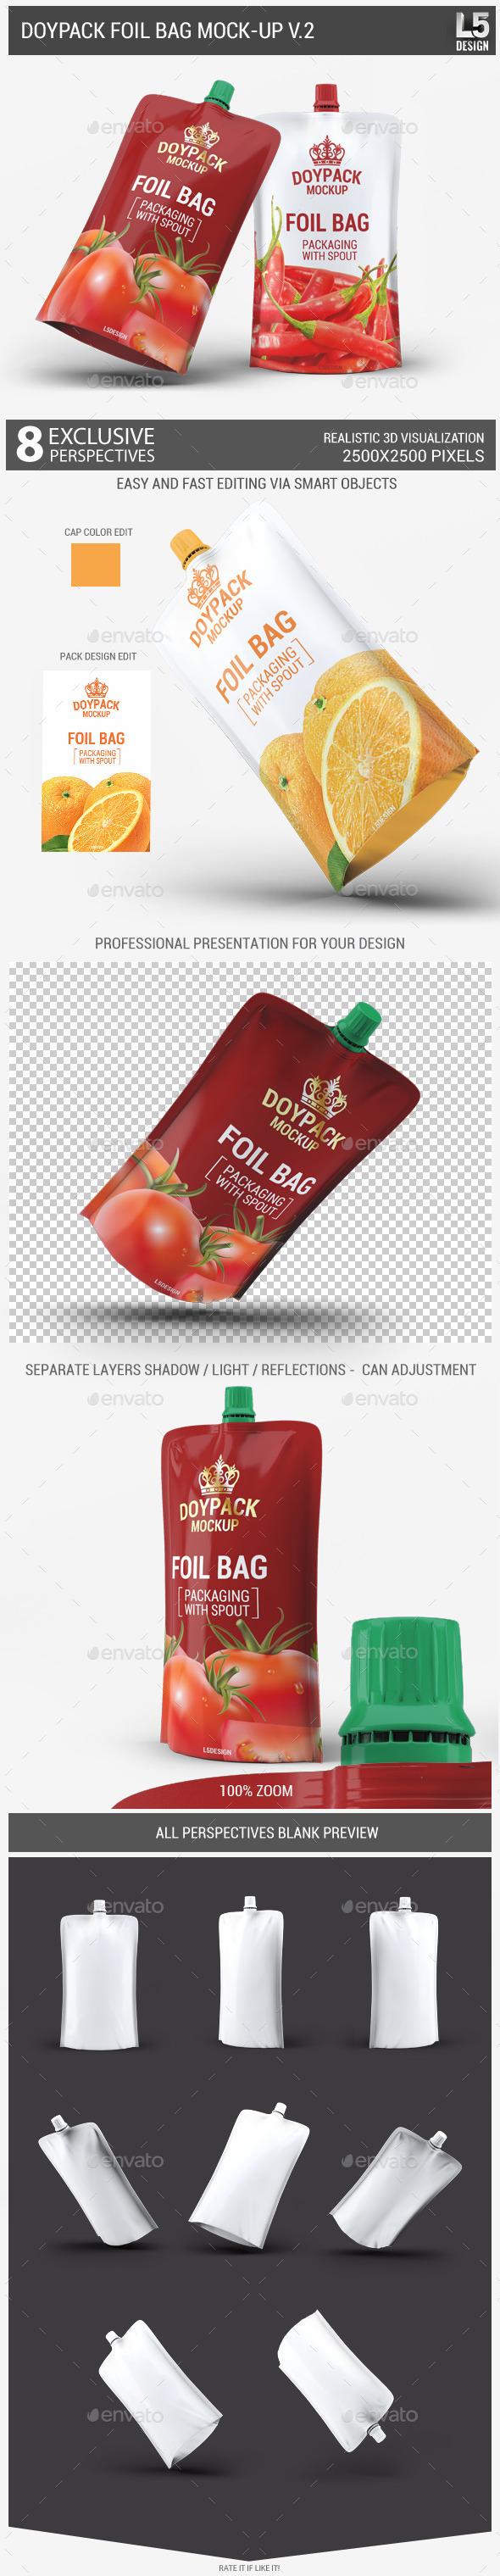 Doypack Foil Bag Mock-Up v.2 - Food and Drink Packaging